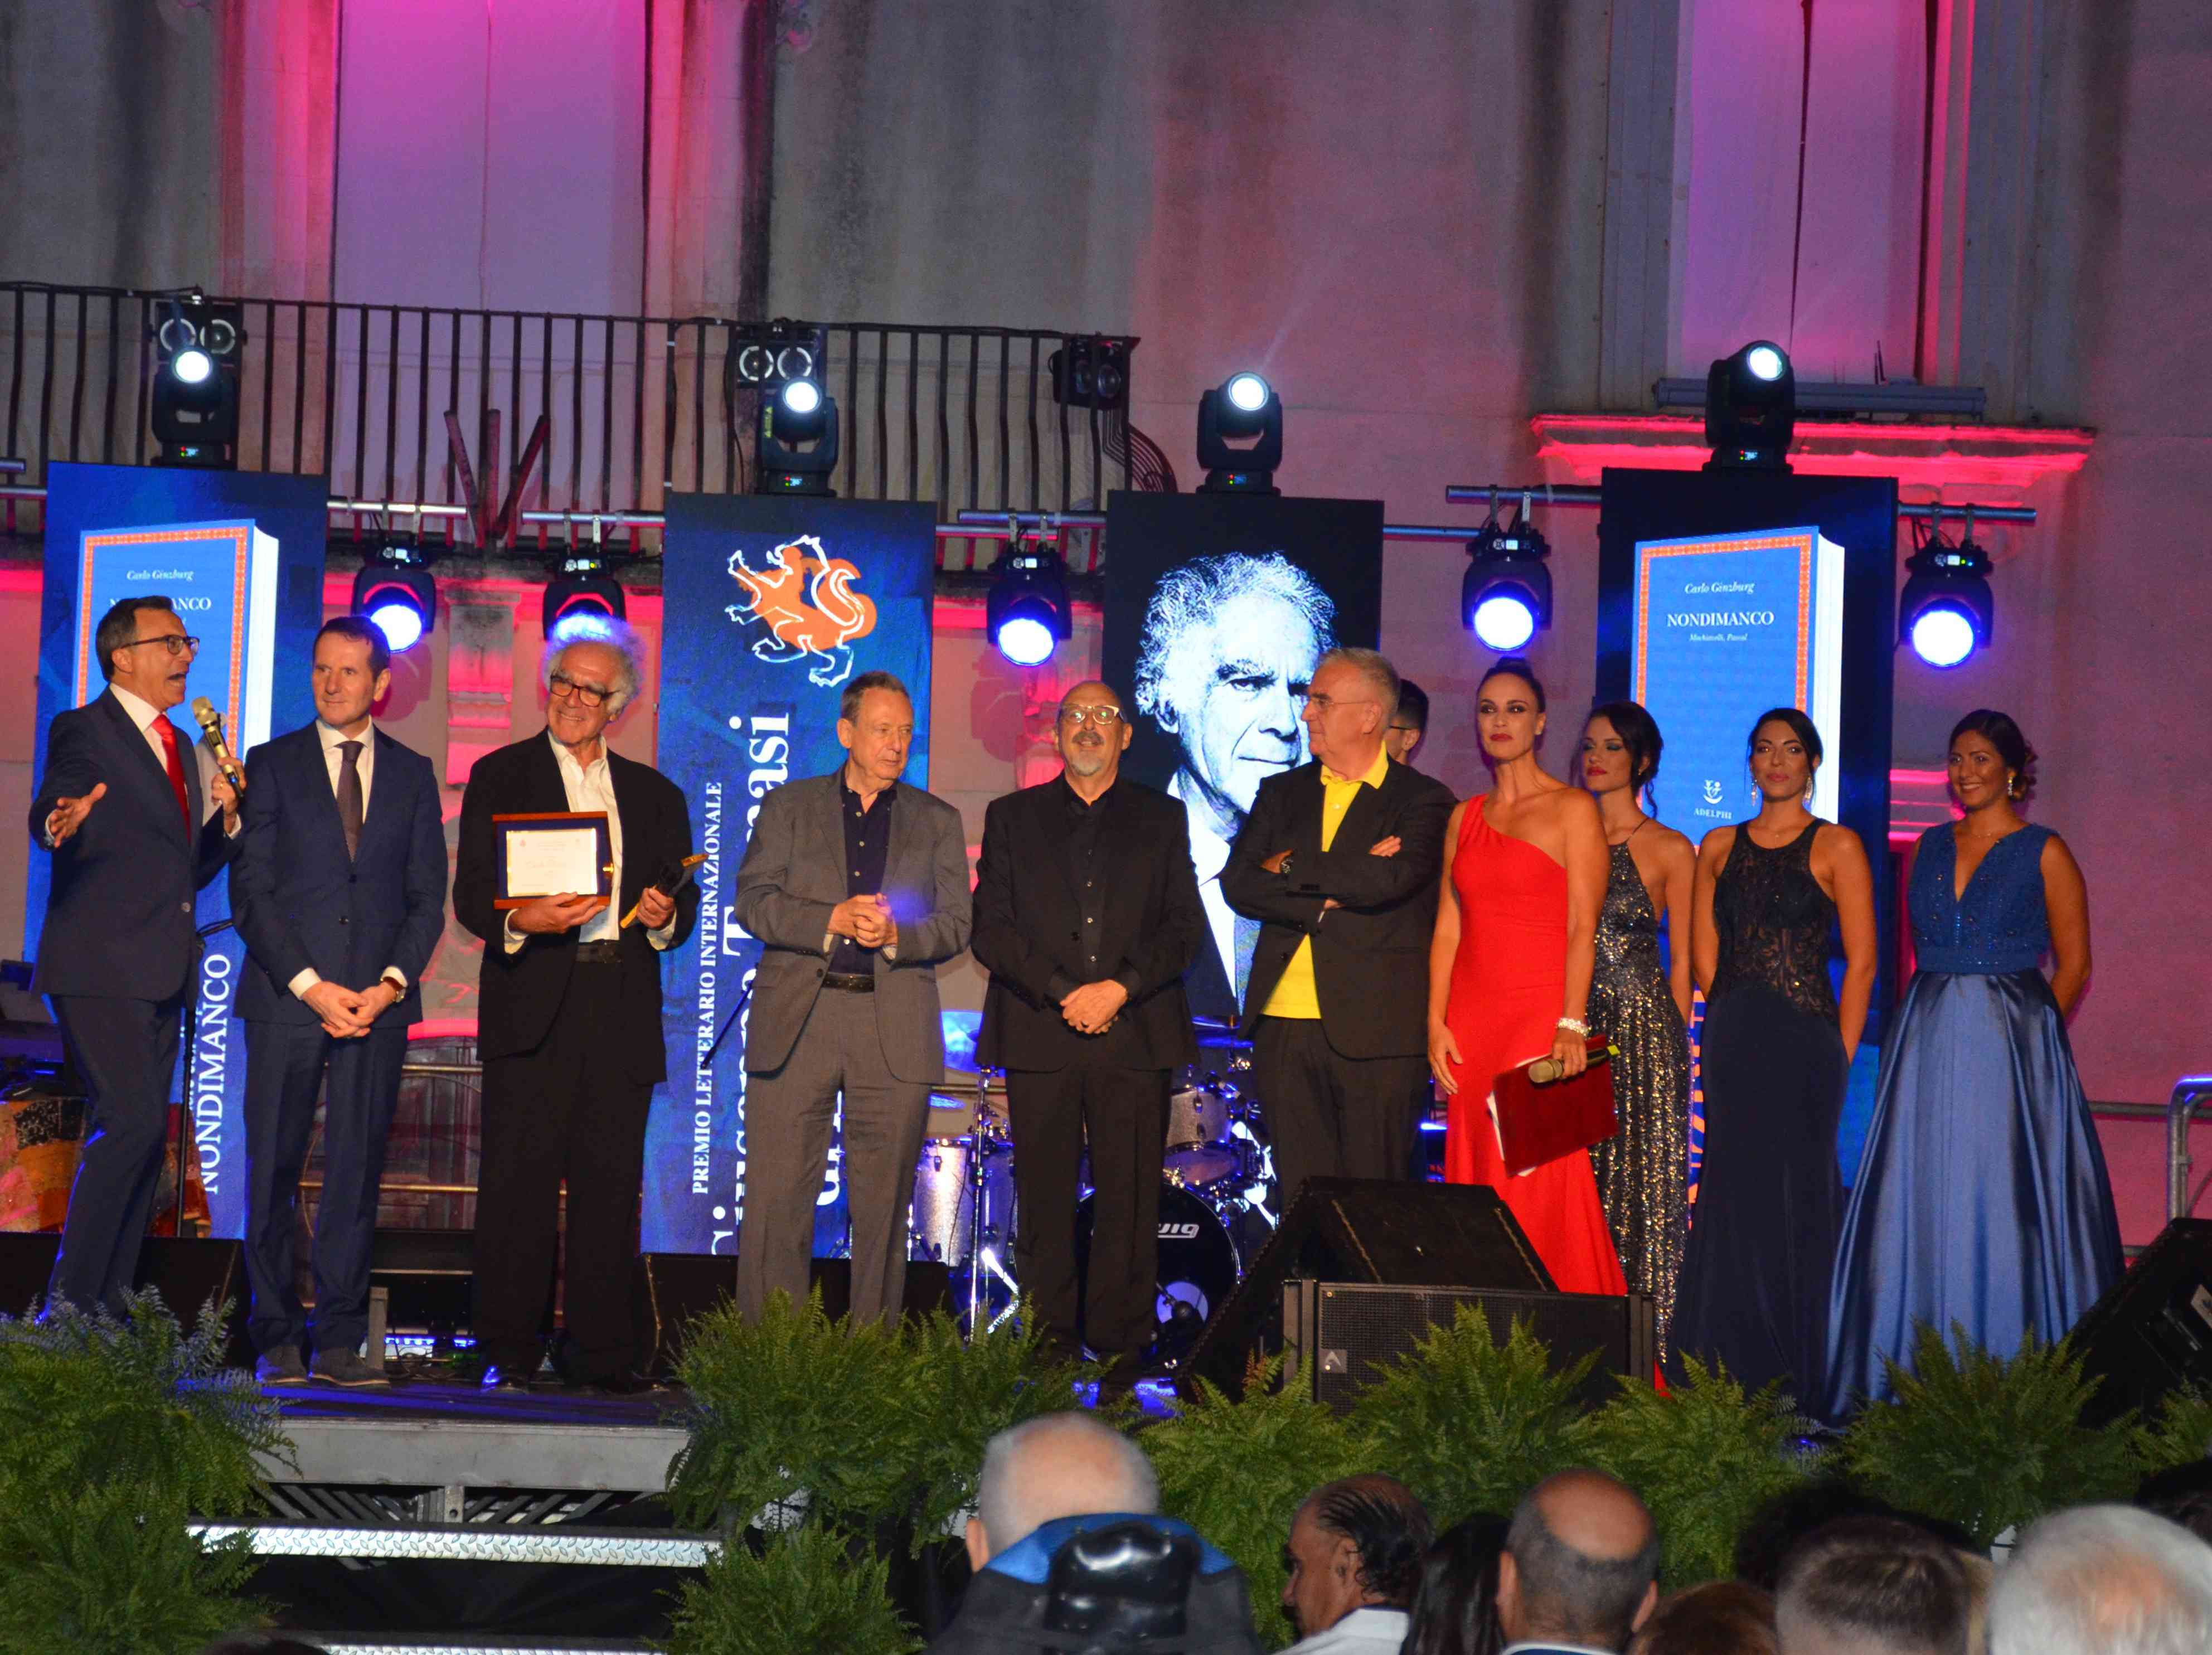 Immagine articolo: S. Margherita di Belìce, successo per la cerimonia di consegna del Premio Letterario Internazionale Giuseppe Tomasi di Lampedusa